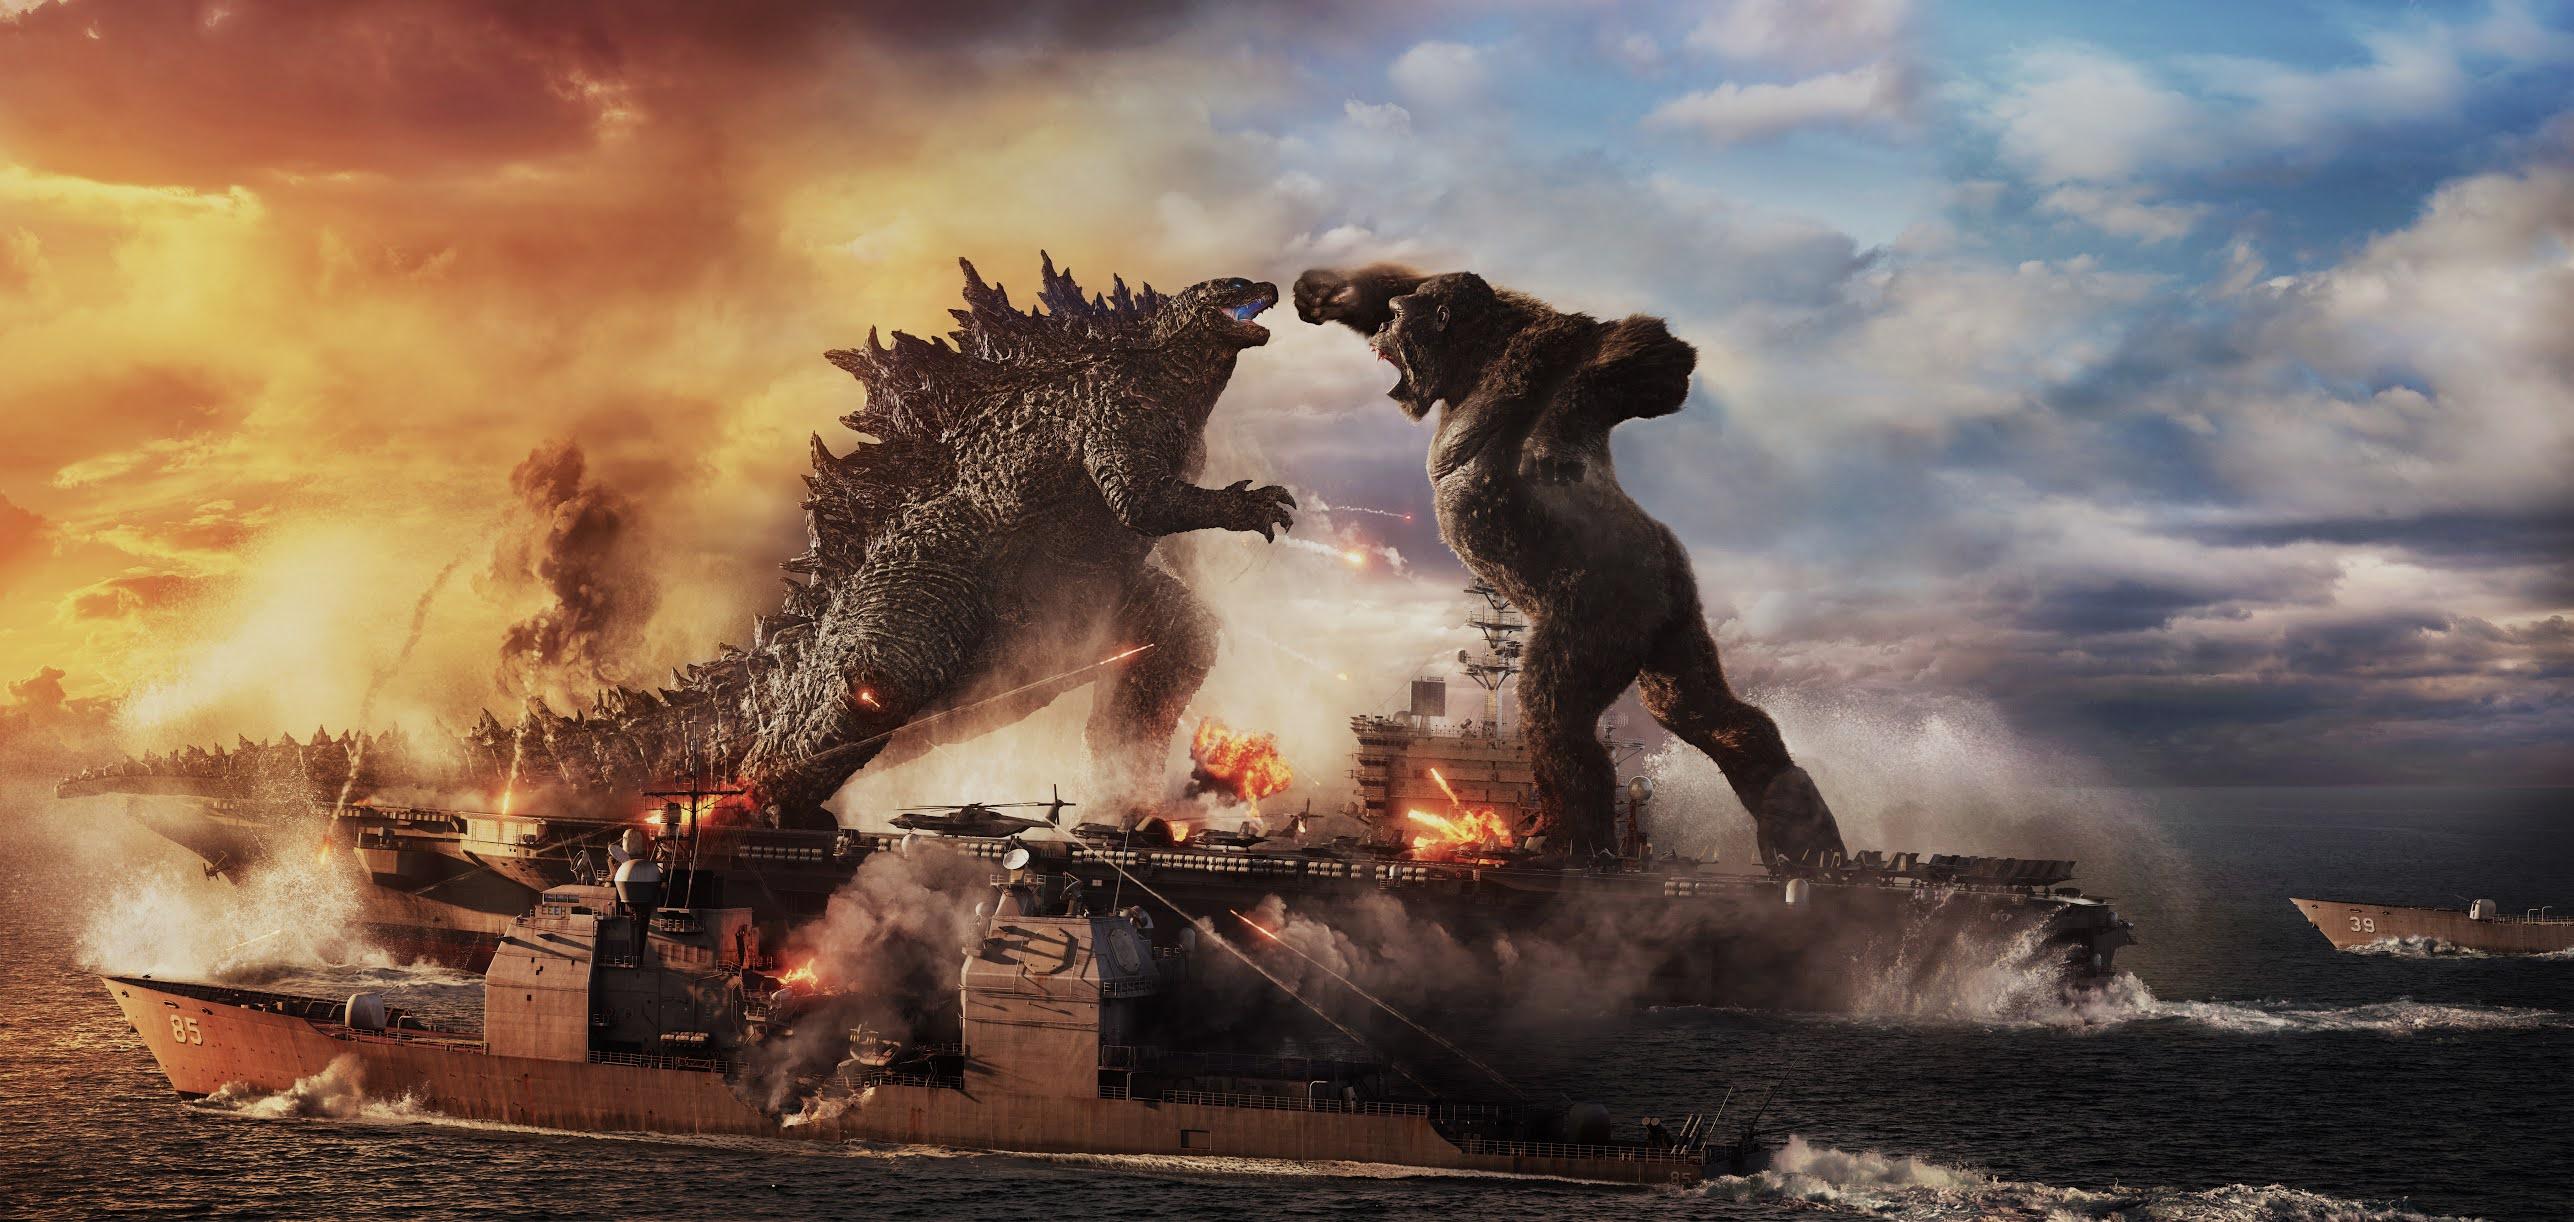 Review   Godzilla vs. Kong   2021